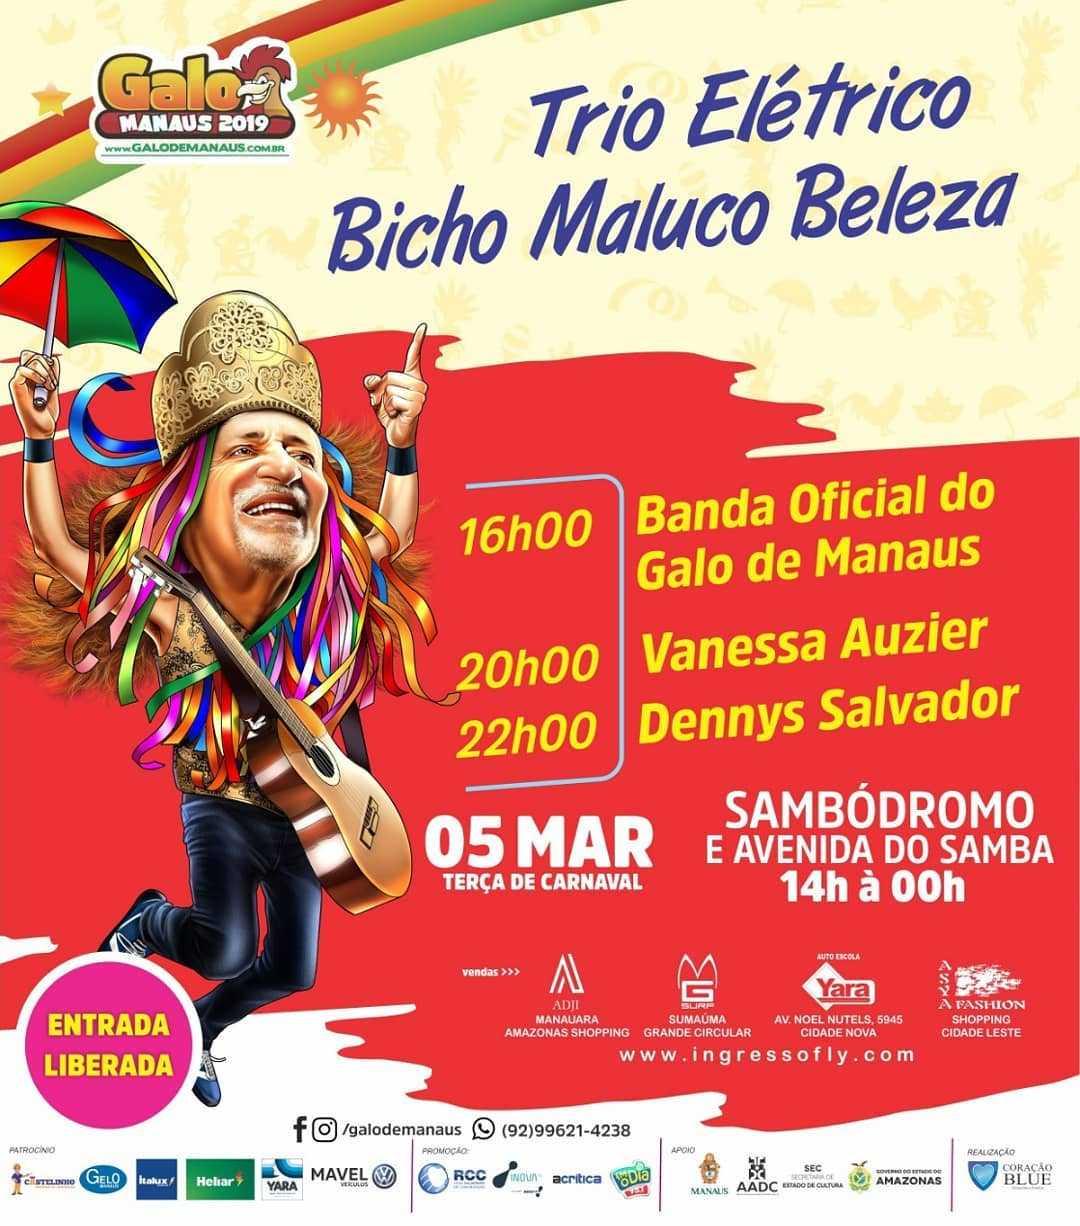 Foto: Divulgação/Galo de Manaus